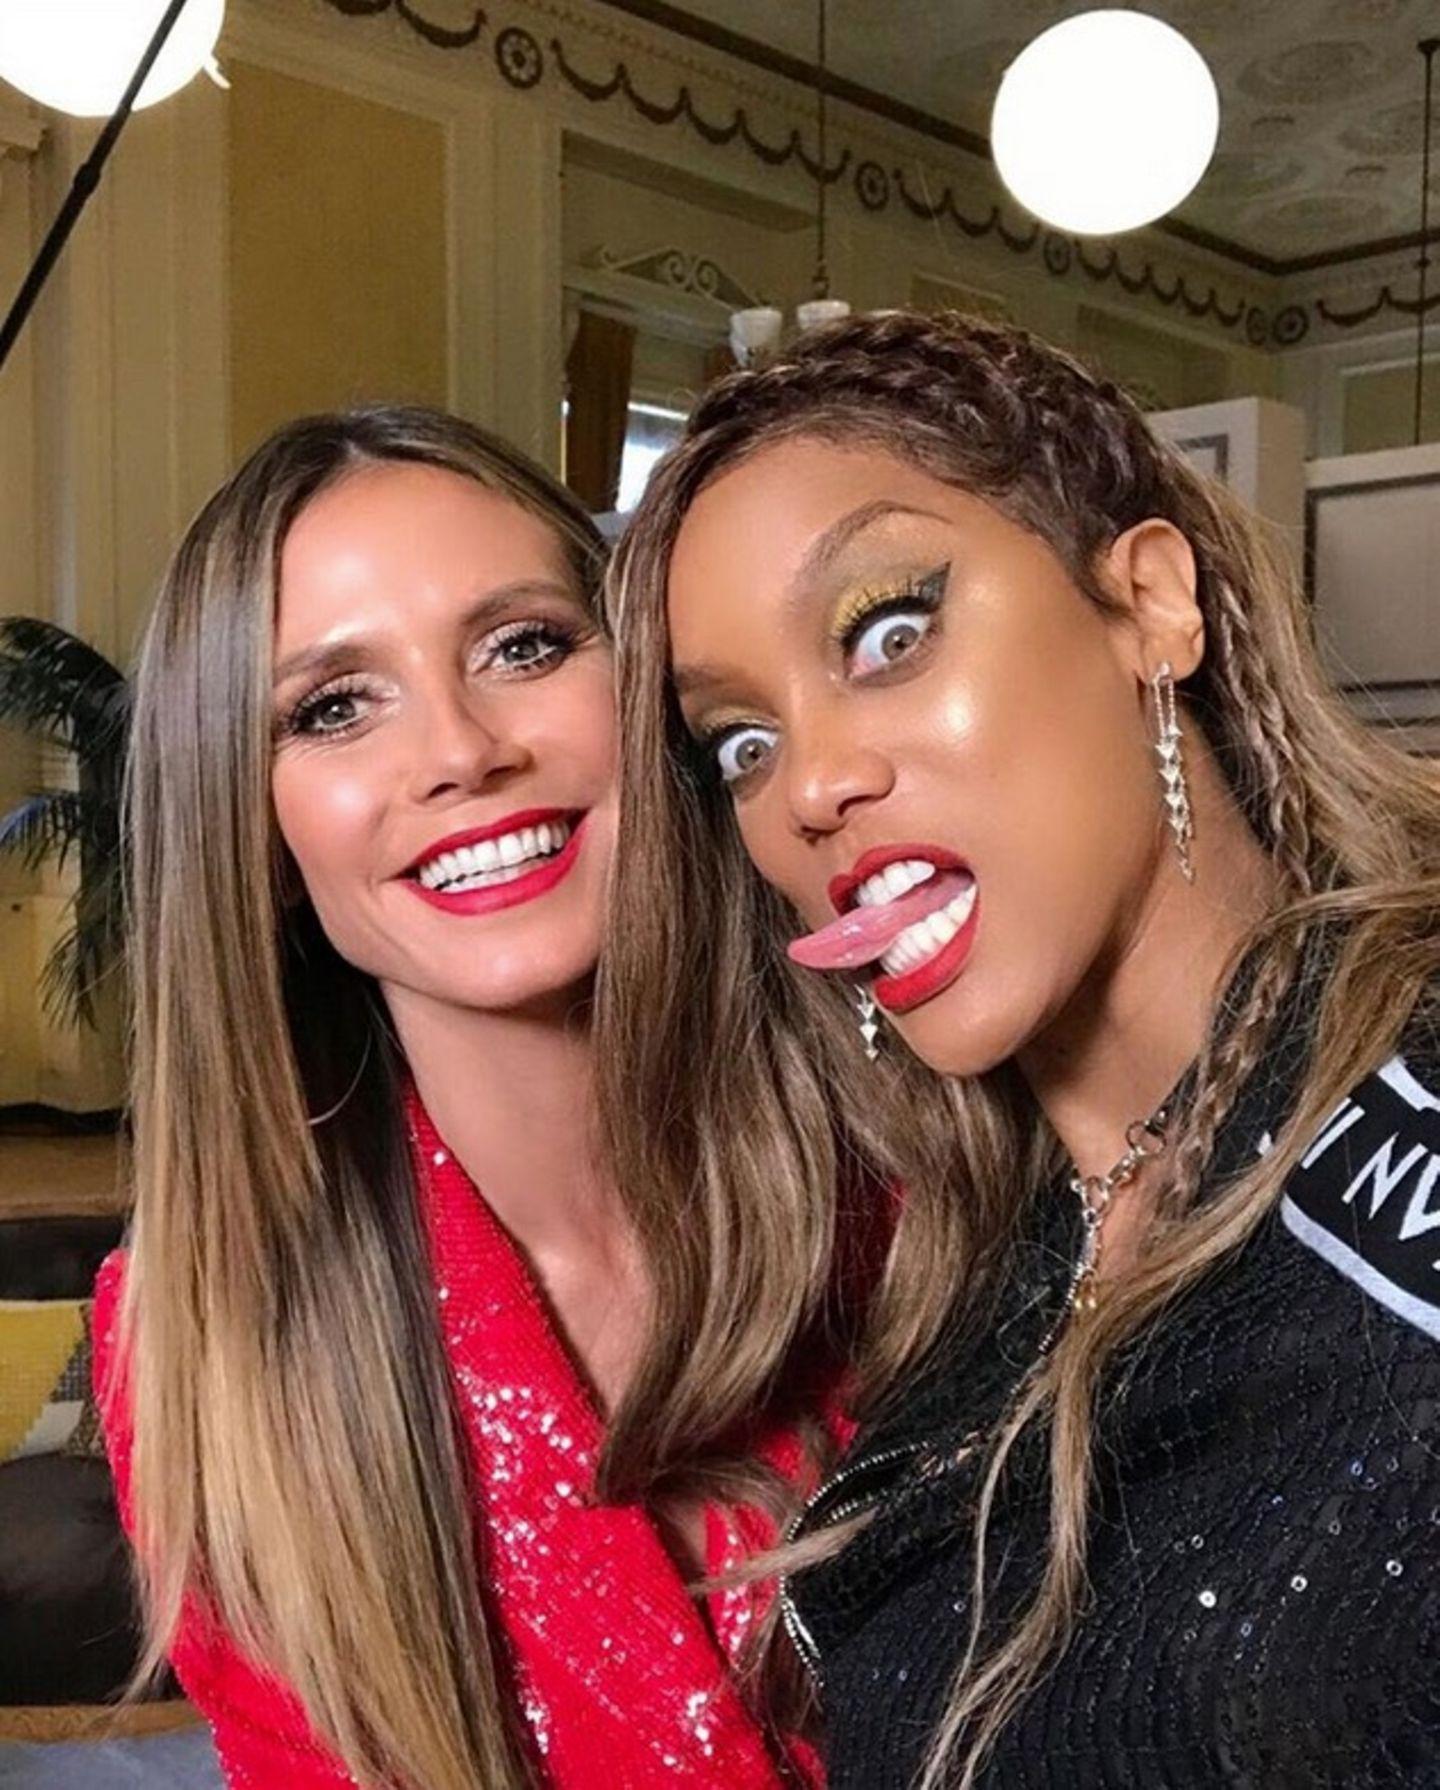 """Eine süße Liebeserklärung widmet Tyra Banks an ihre Freundin und Kollegin Heidi Klum. Auf ihrem Instagram-Account schreibt das Supermodel: """"Heidi Klum ist einer der schönsten Menschen, denich kenne, sowohl innenals auch außen."""" Das scheint wirklich wahre Freundschaft zwischen den beiden Models zu sein."""